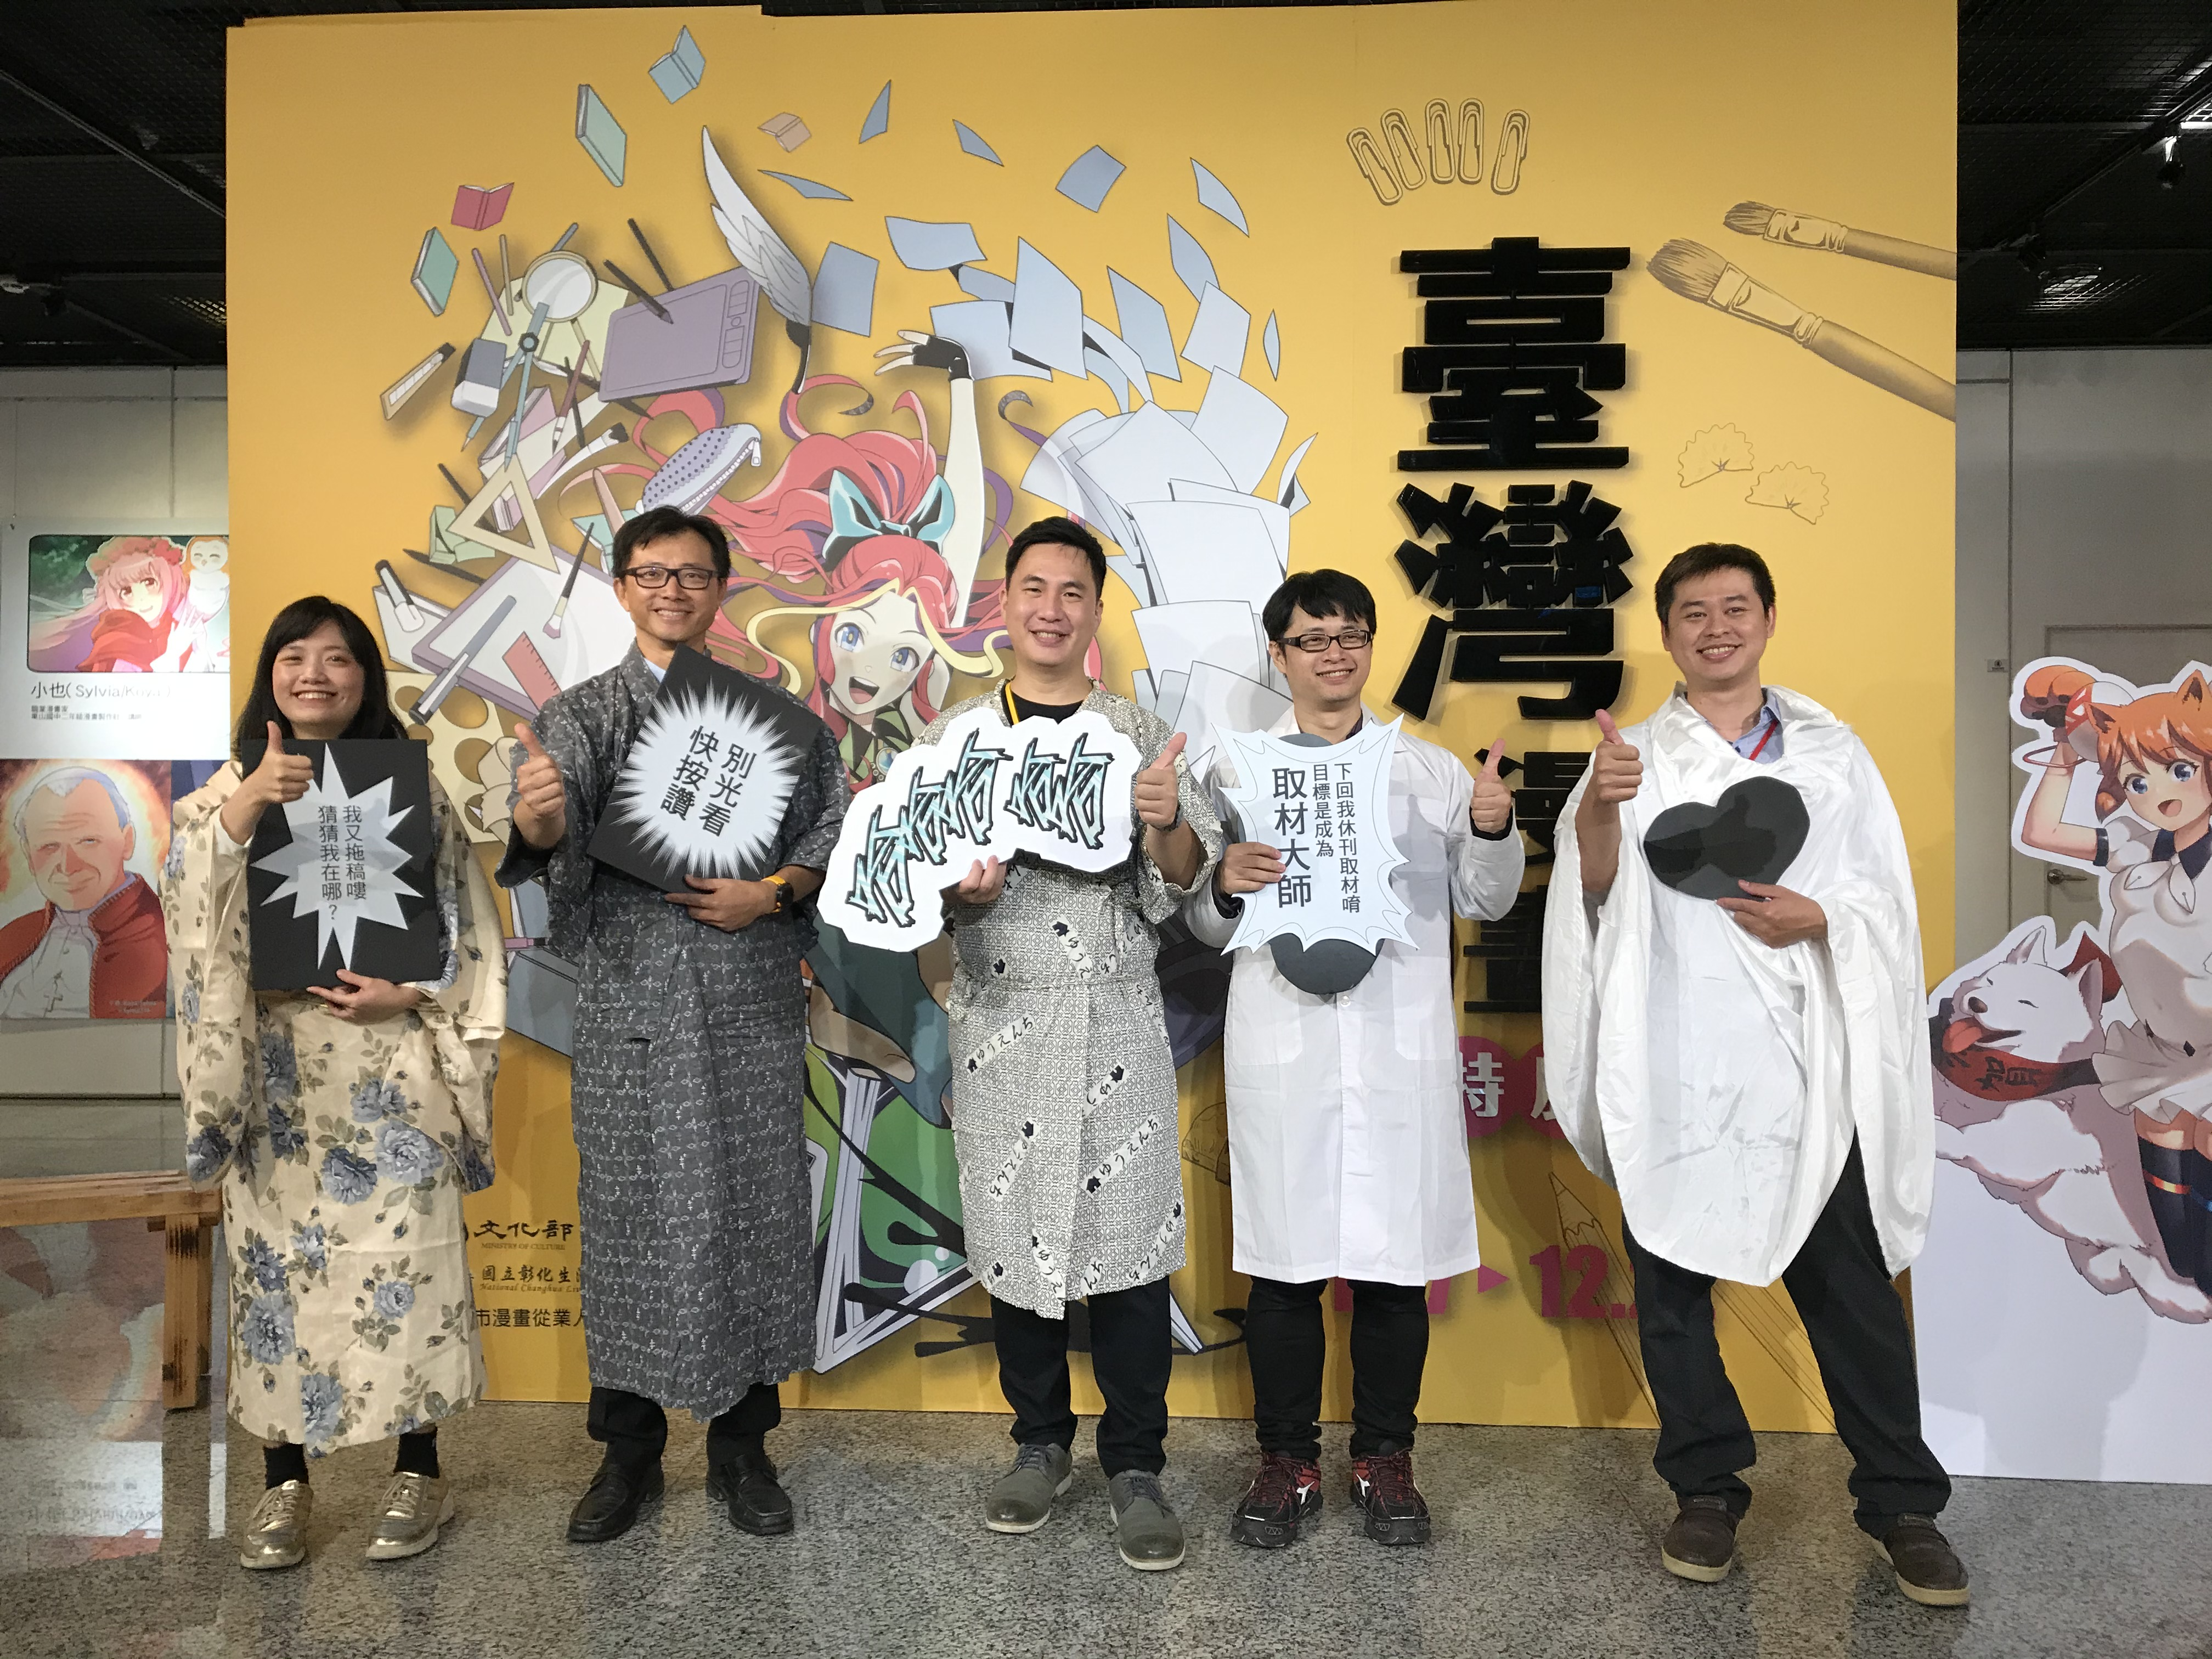 彰美館秘書李明俊(左2)與策展人合影.JPG